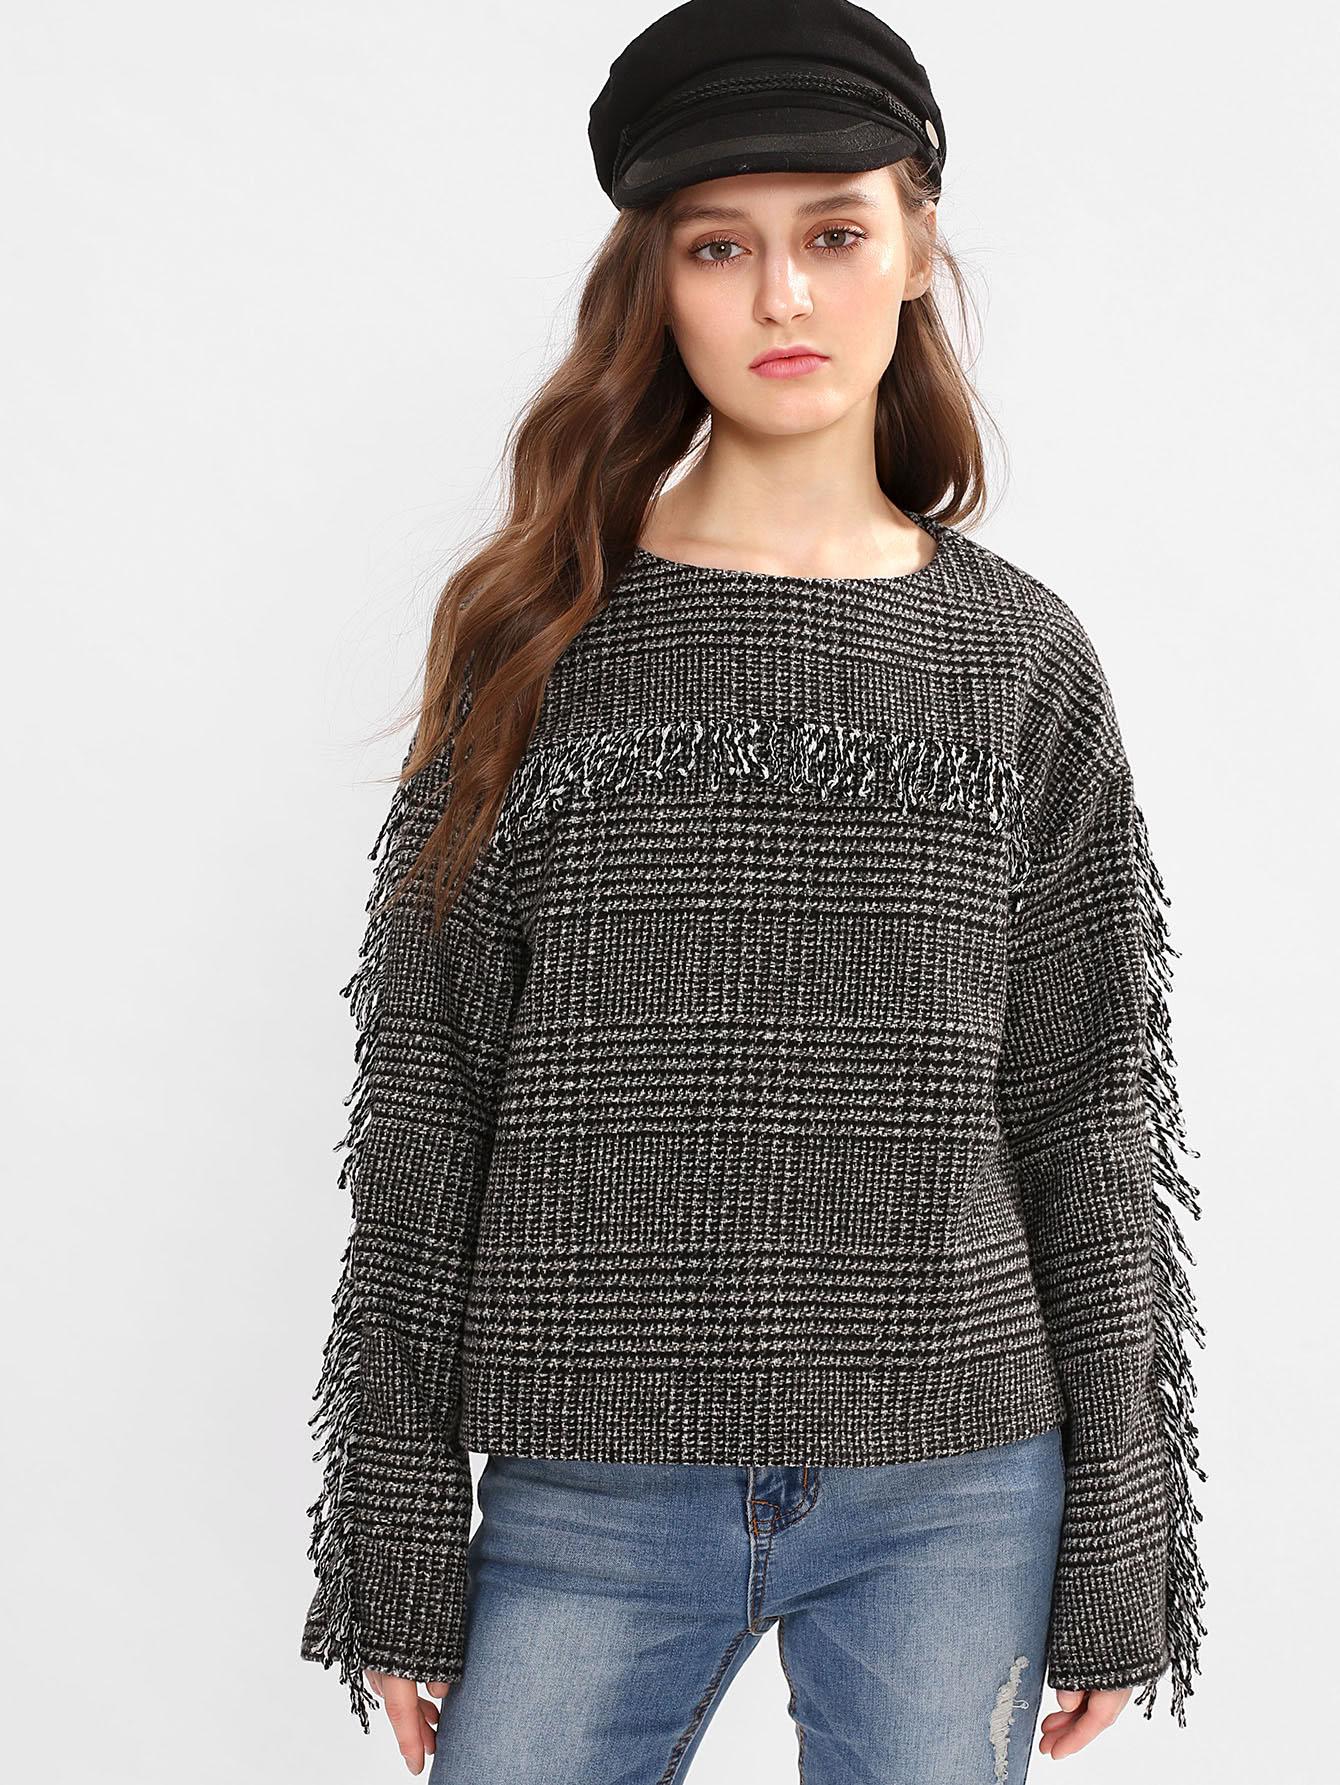 Fringe Detail Tweed Sweatshirt lace trim fringe detail tweed top